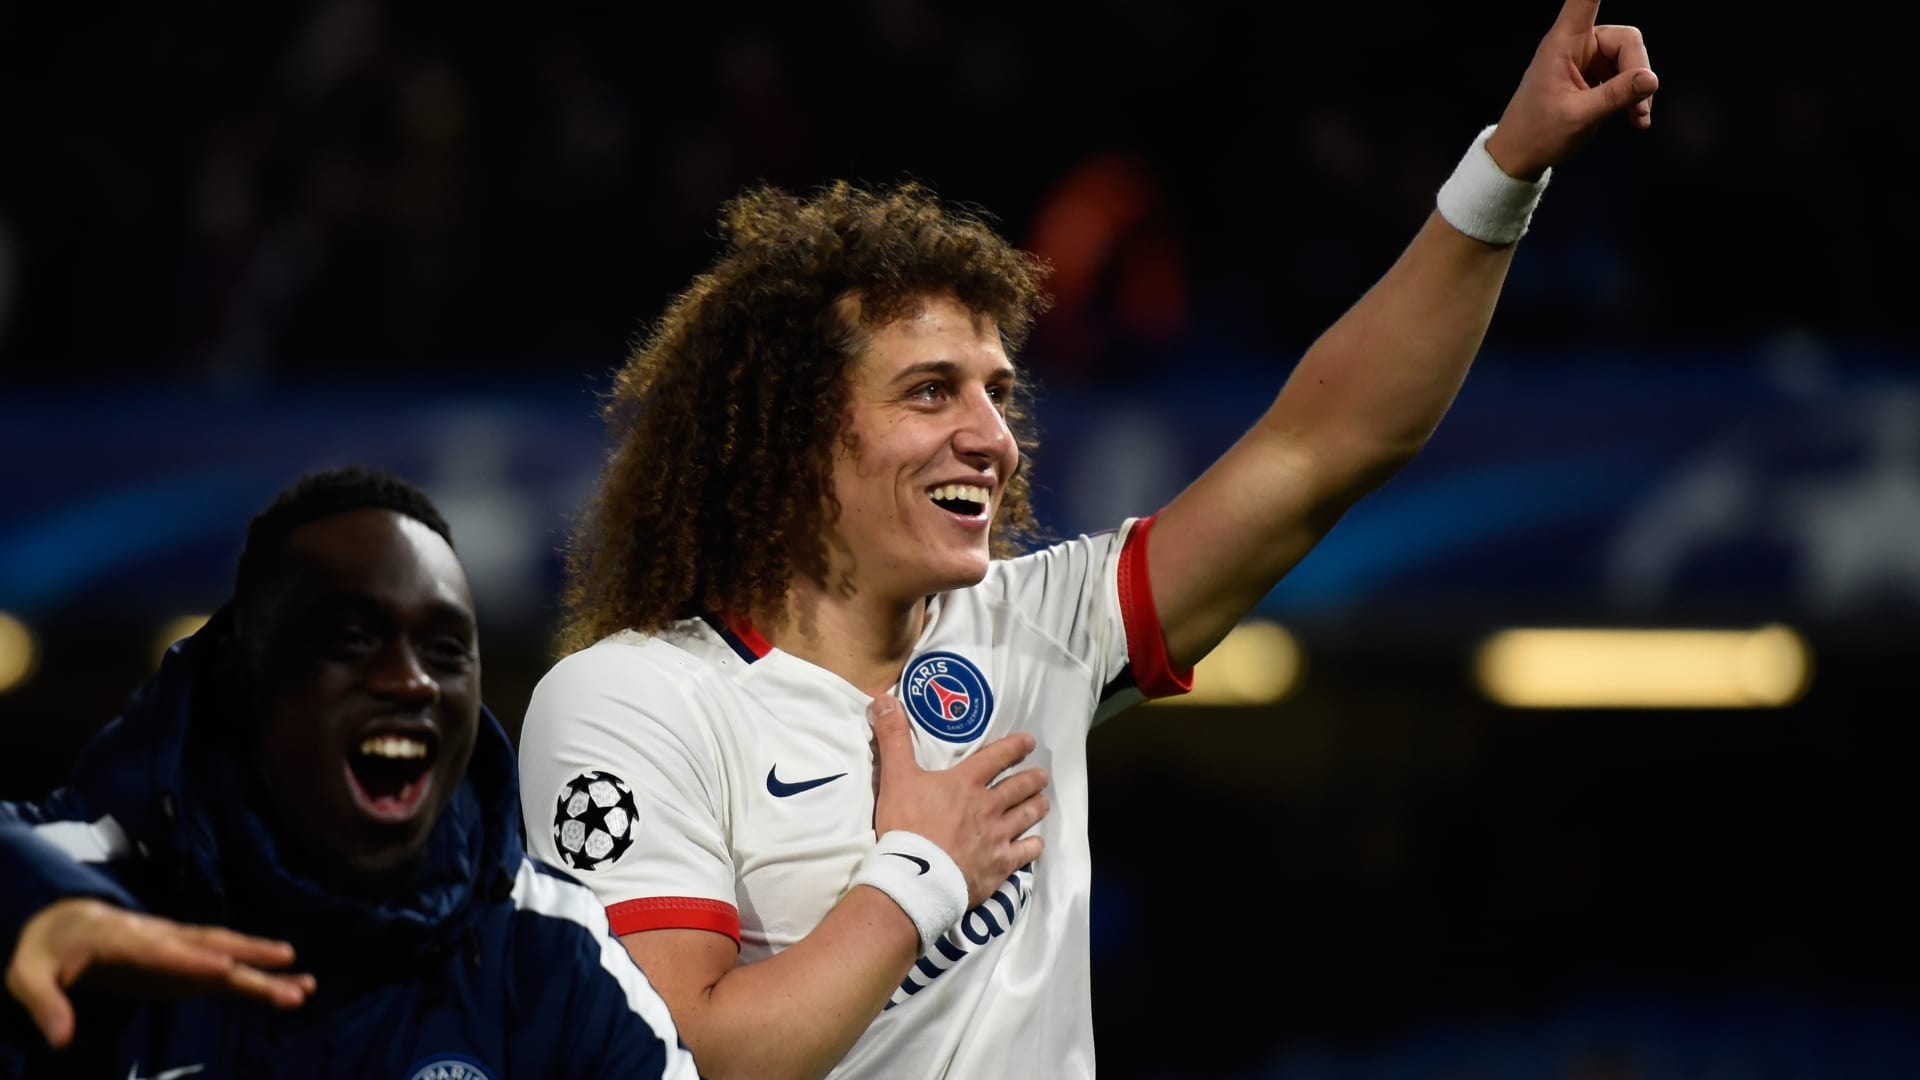 لاعب نادي باريس سان جيرمان ديفيد لويز يحيي الجمهور ضاحكا بعد فوز فريقه على تشيلسي.